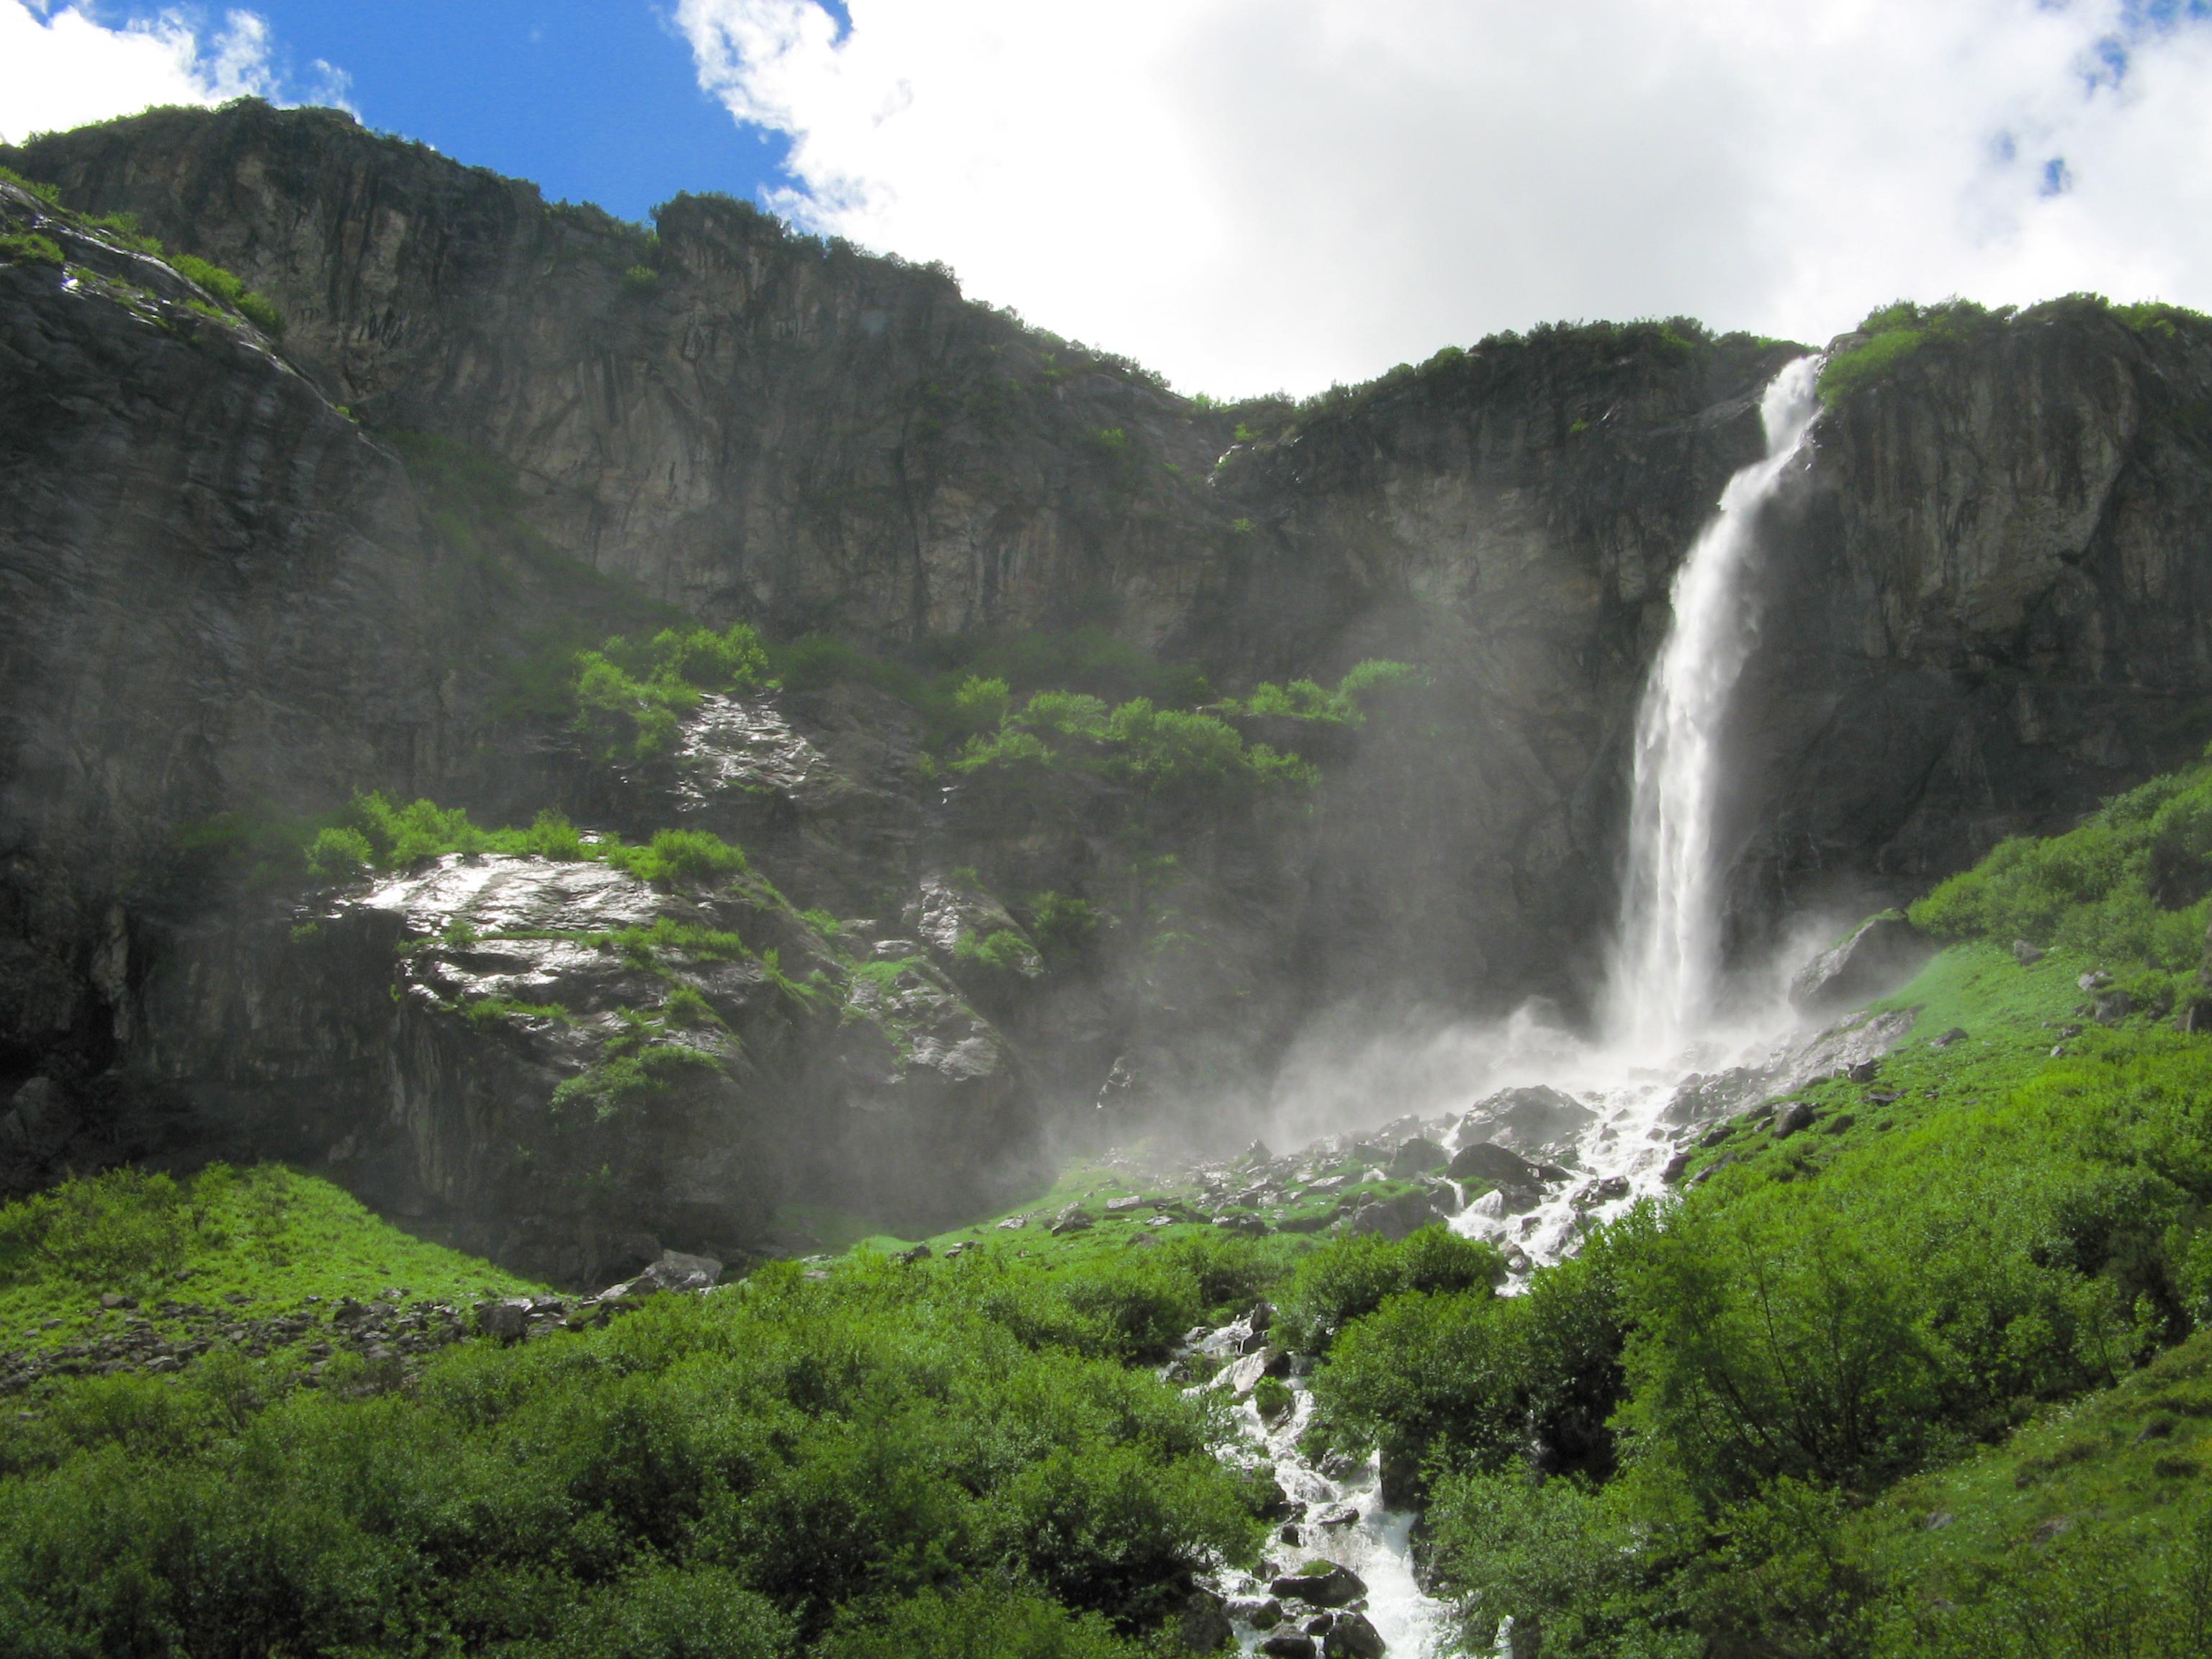 hansgrohe wasserfall dusche duschspezialist hansgrohe krt die - Hansgrohe Wasserfall Dusche